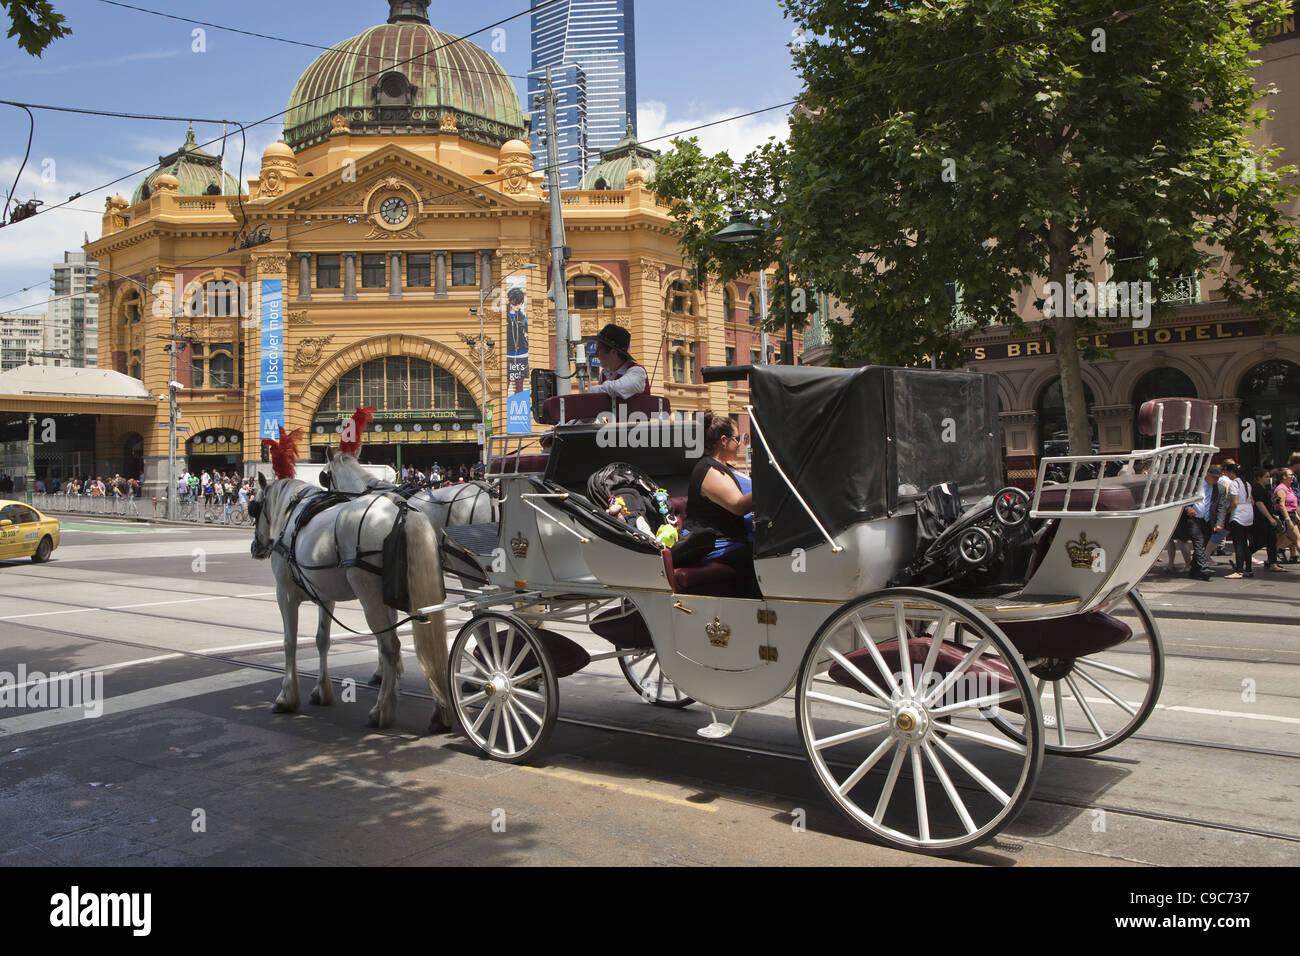 Melbourne día soleado en la ciudad los sistemas de transporte. caballo dibujar el transporte a la estación de Flinders Street. Foto de stock